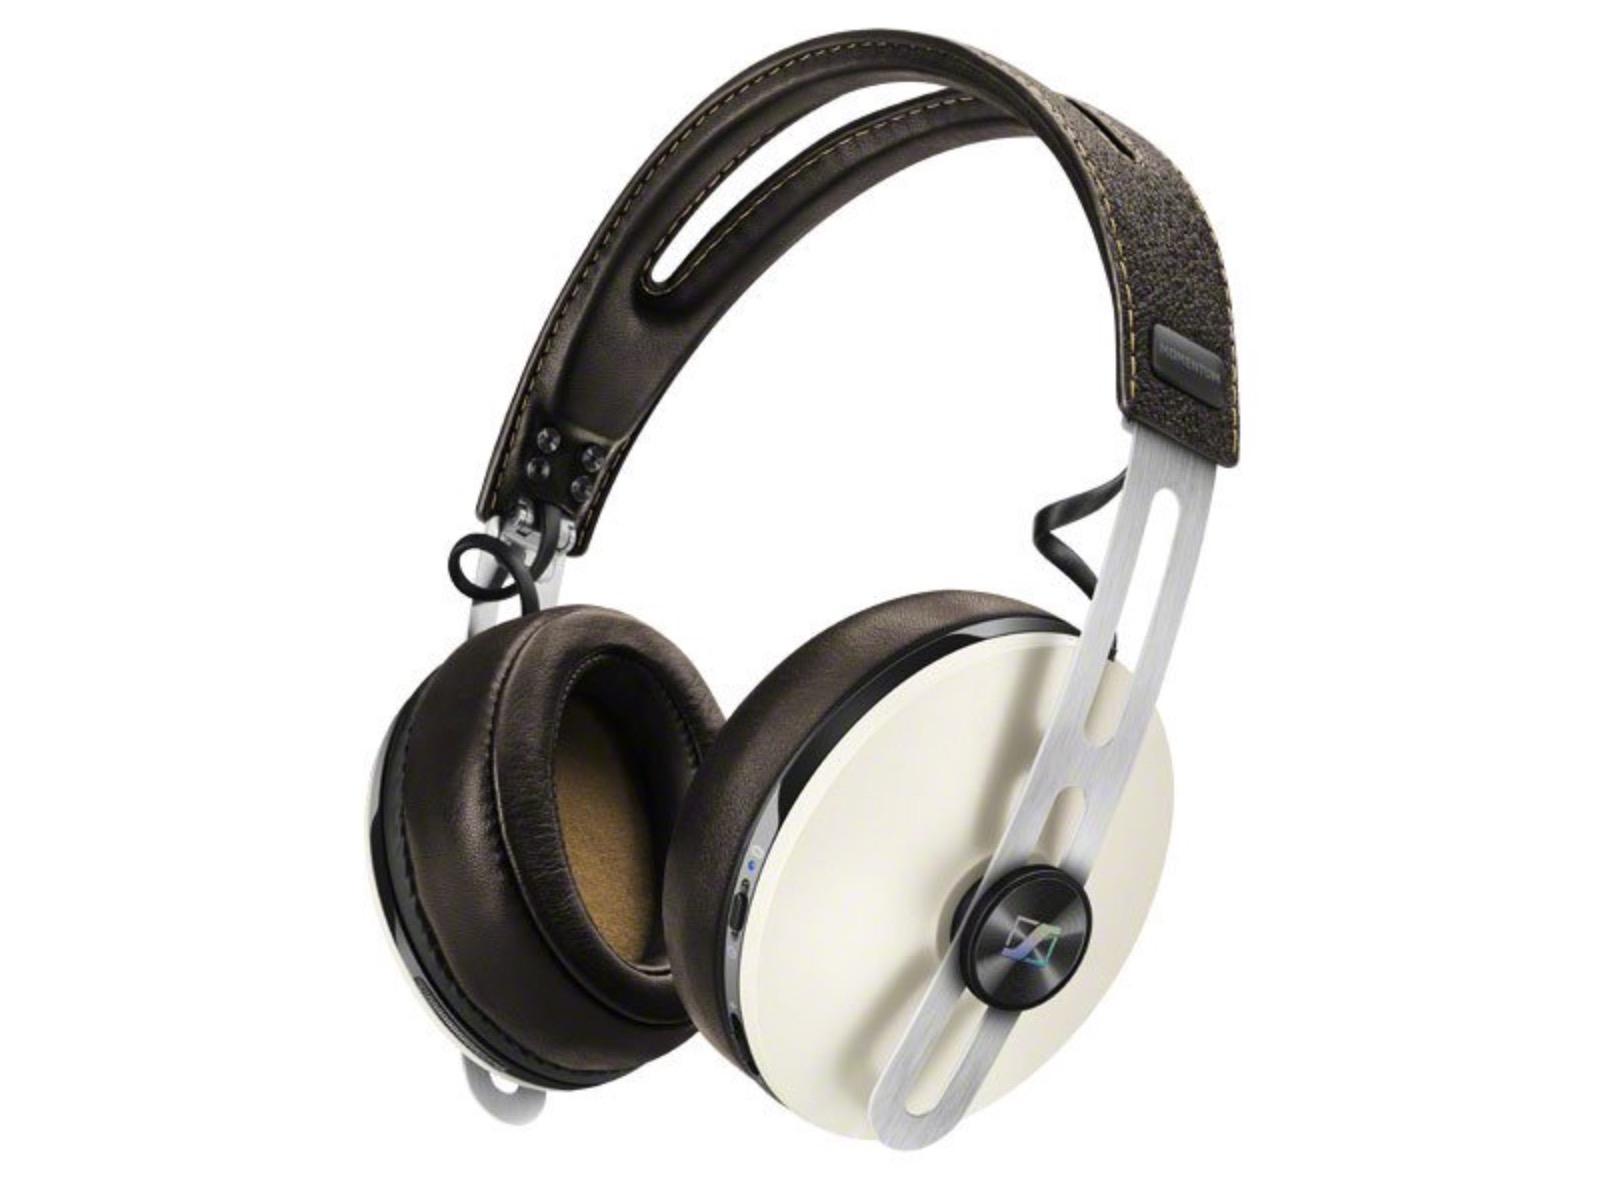 Sennheiser Momentum Wireless over-ear review image